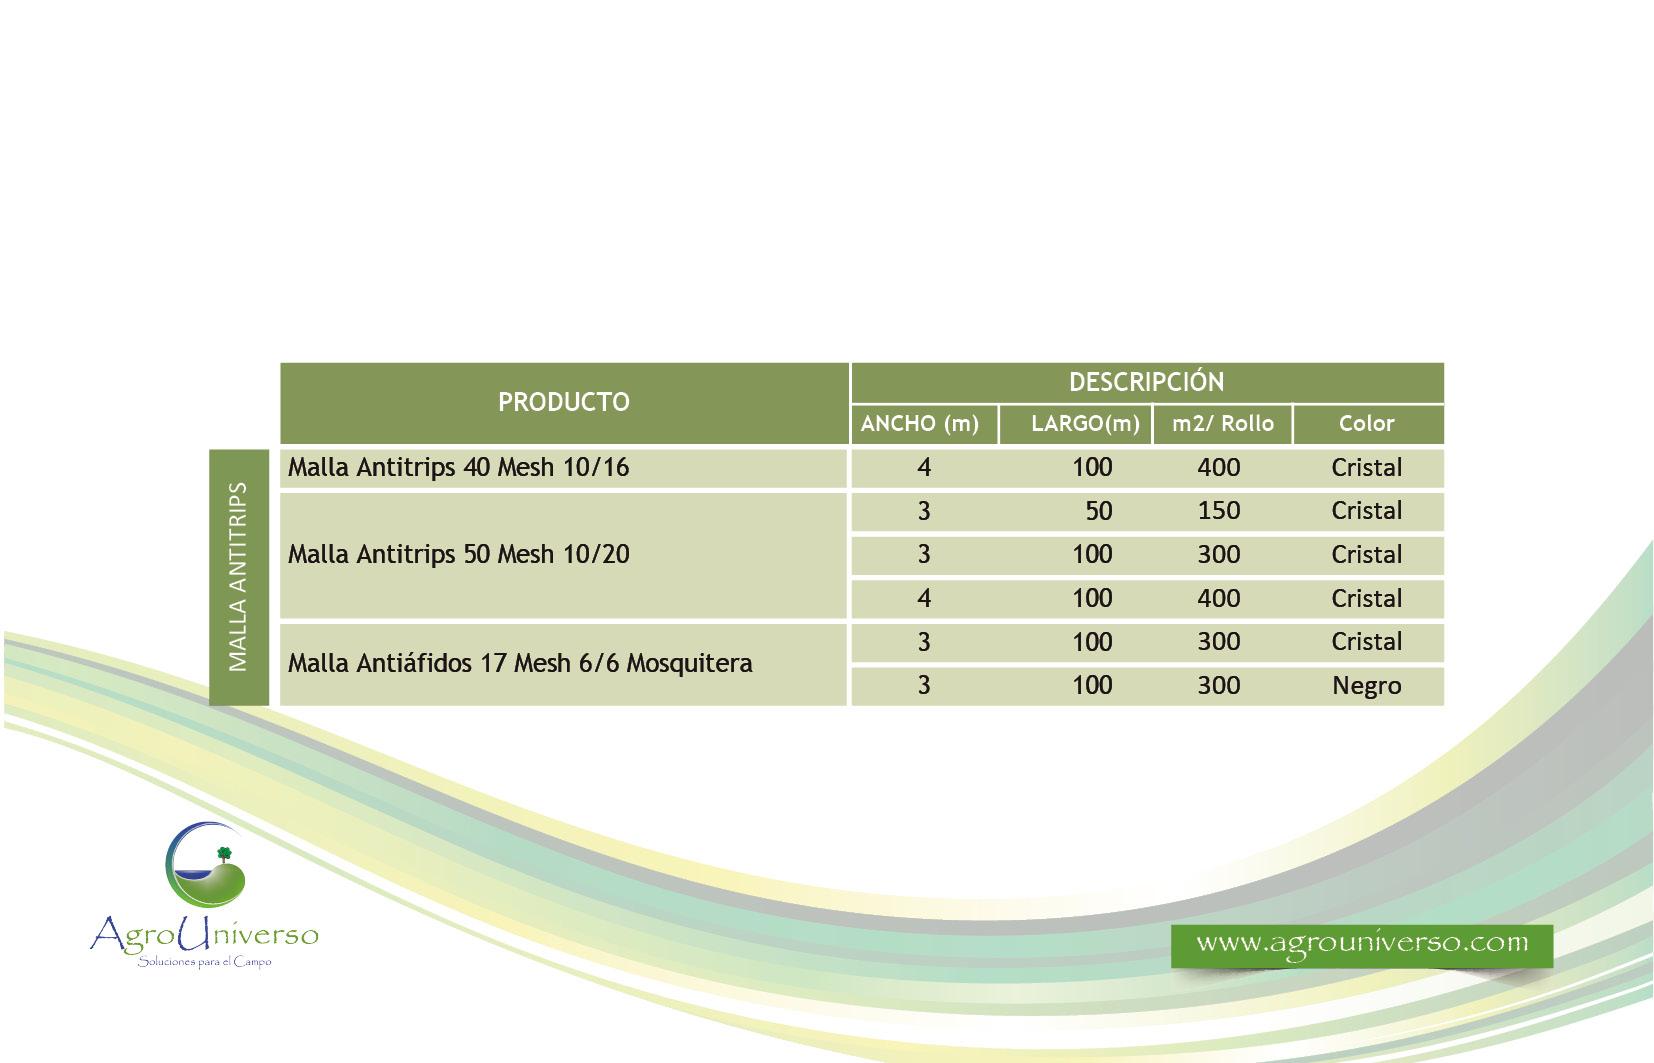 Catlogo-de-productos-Agrouniverso-7-A